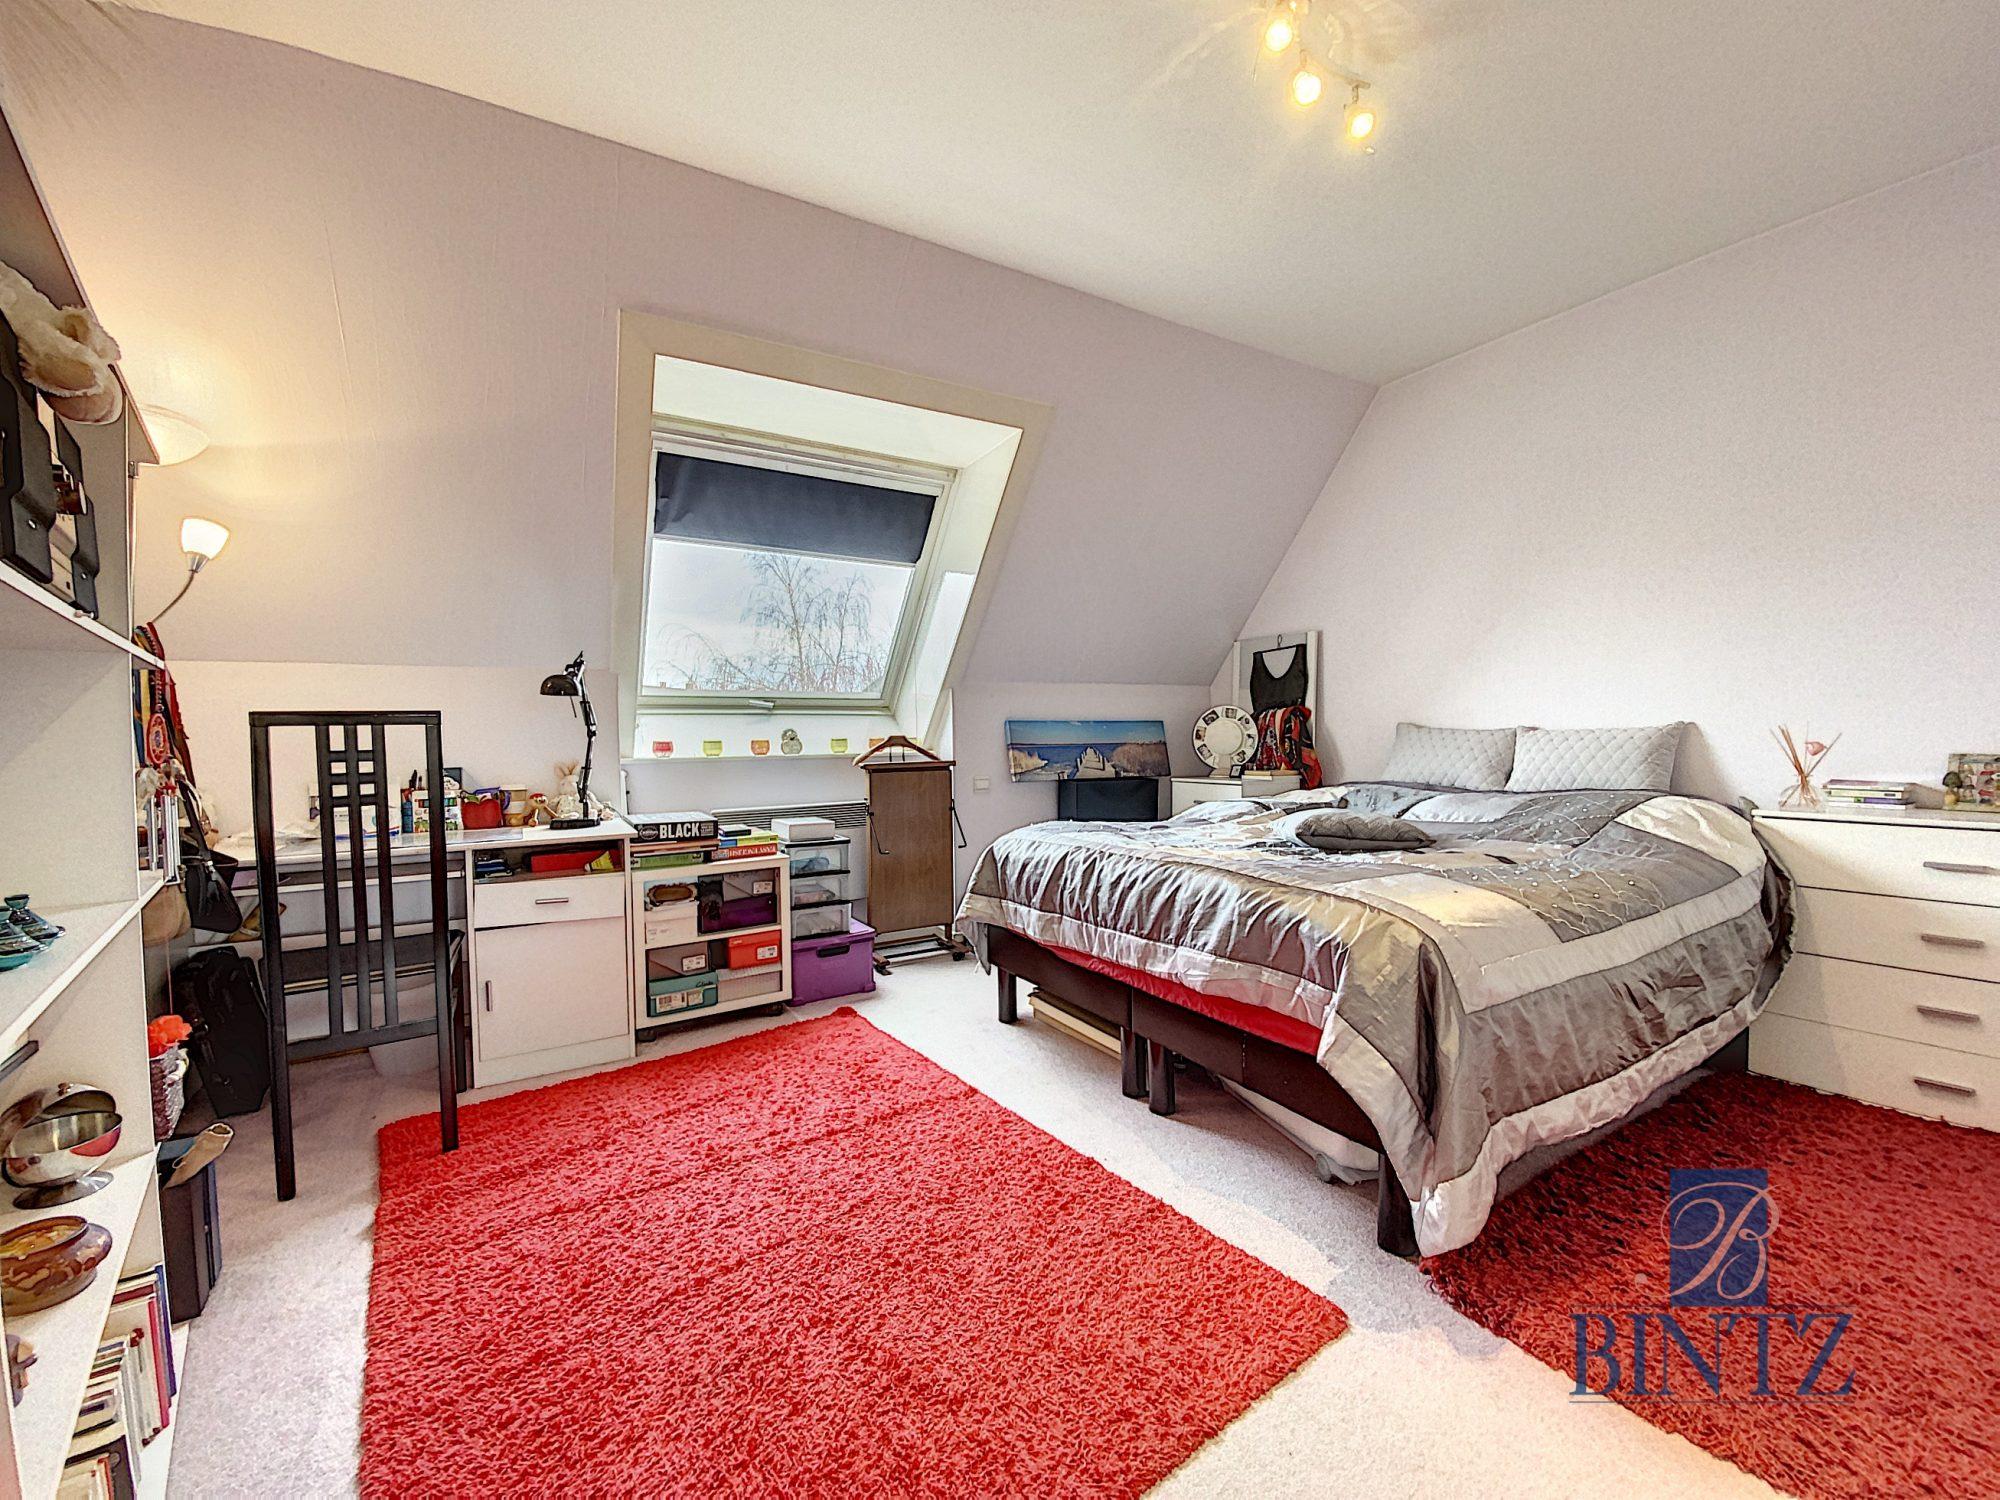 Superbe appartement 7 pièces à la Robertsau - Devenez propriétaire en toute confiance - Bintz Immobilier - 8